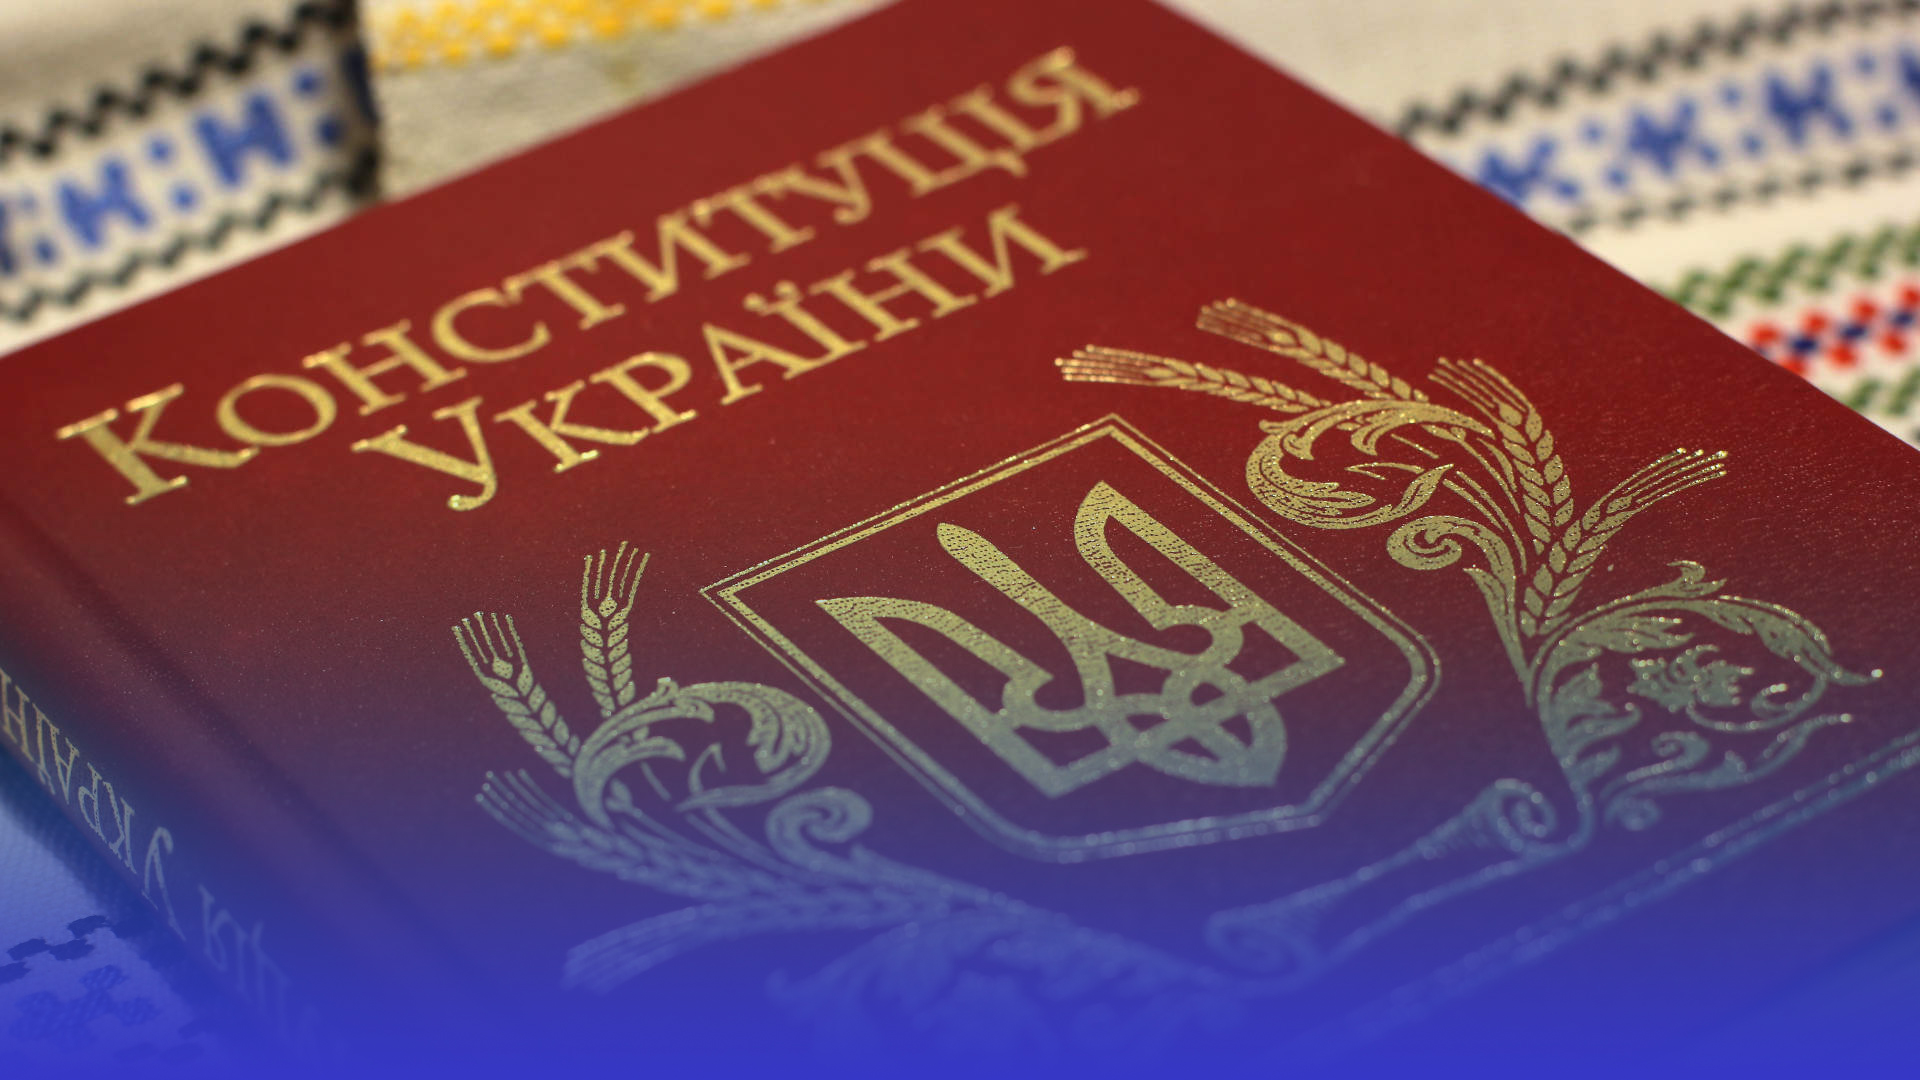 Що знають депутати: тернопільські журналісти поставили 6 питань про Конституцію України